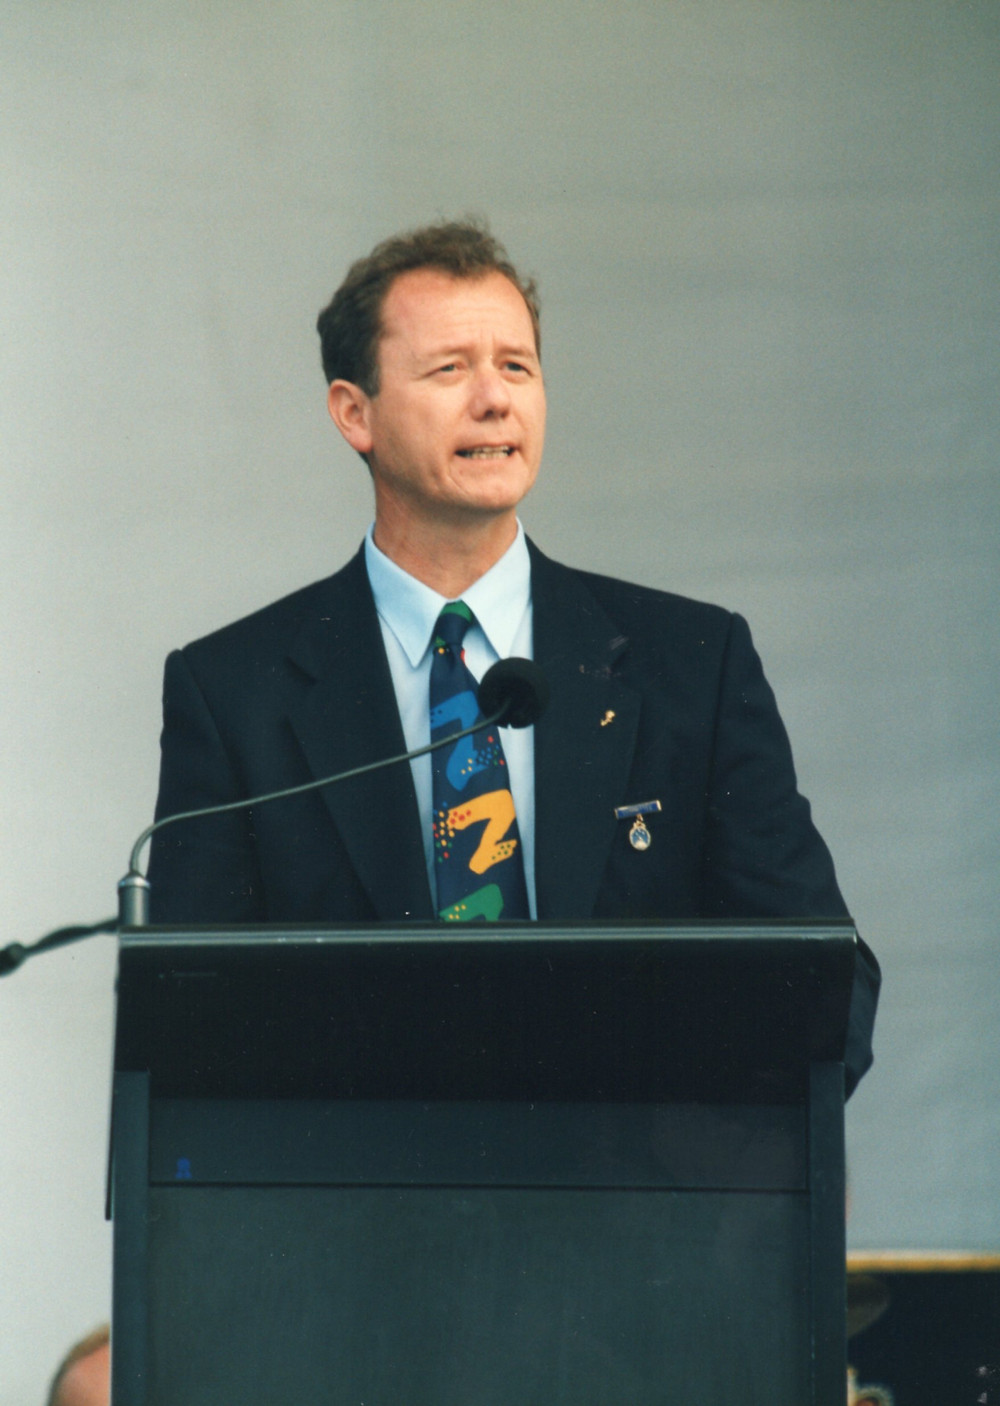 Graham Harrison speaking